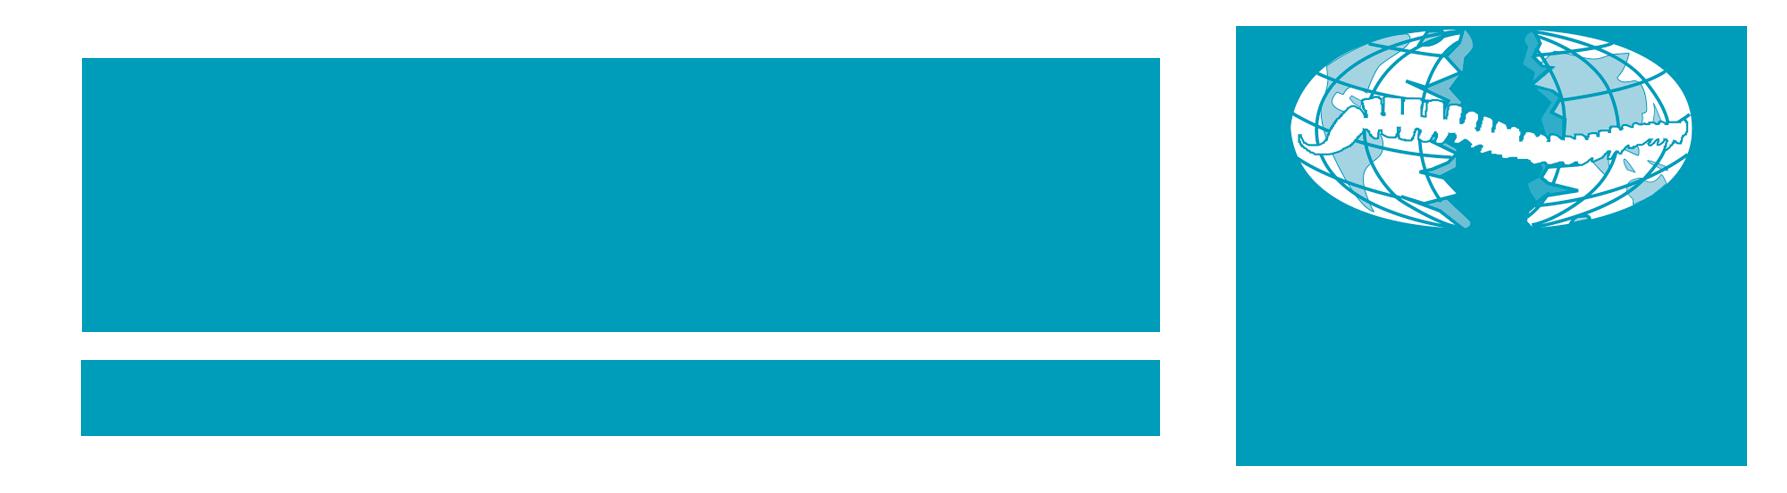 Logotipo Escuela de Terapias Manuales Kabat